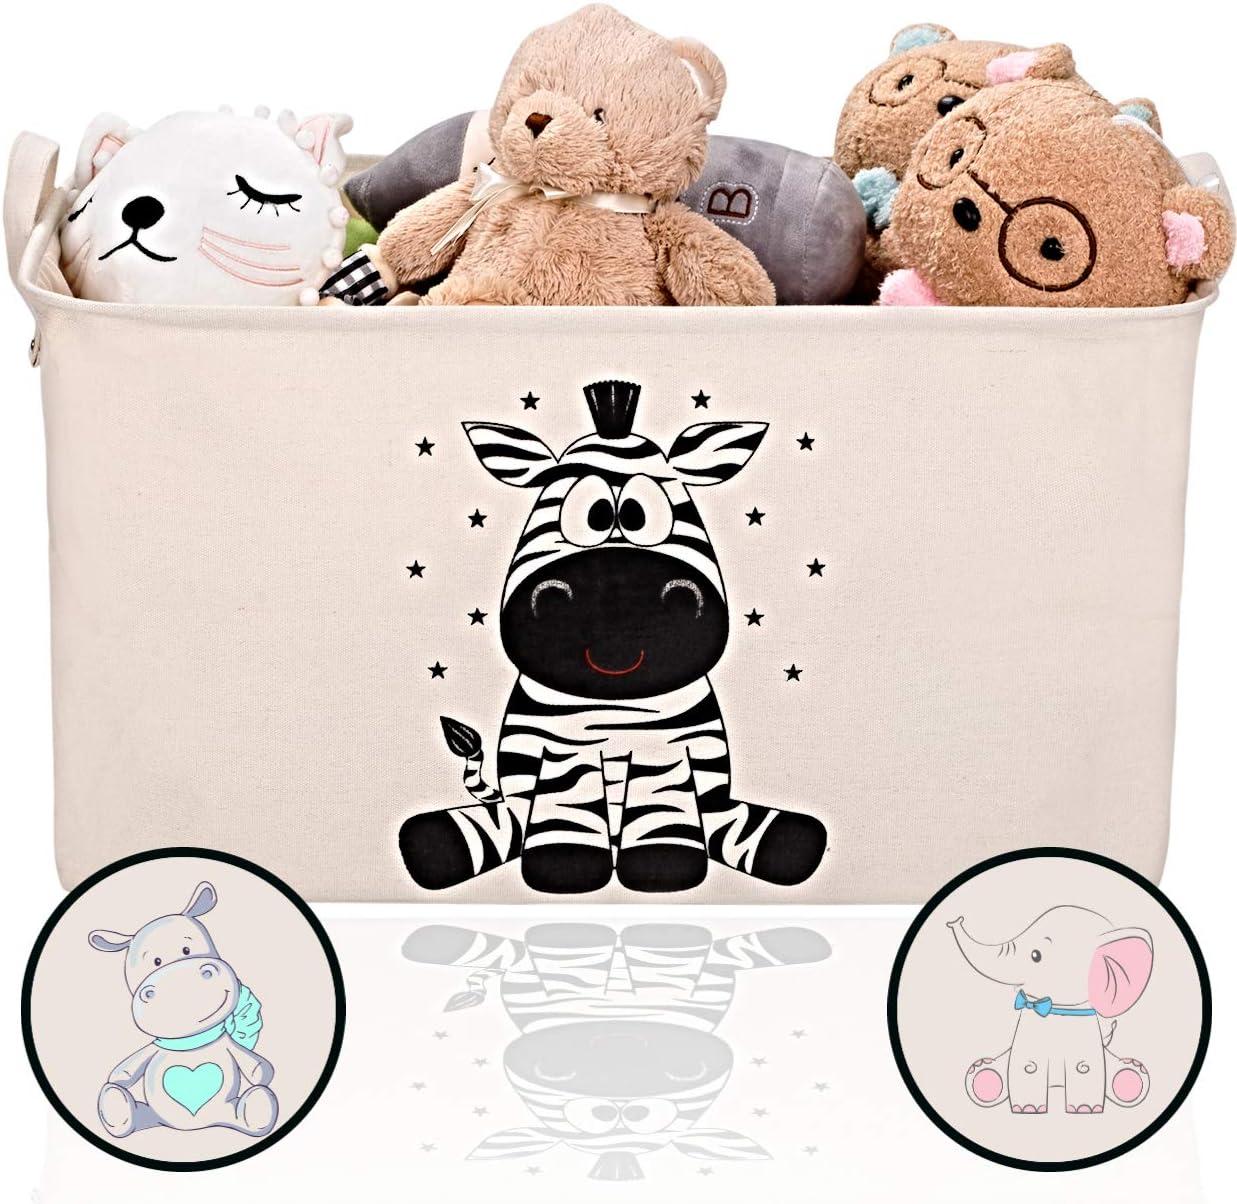 Design Orso Blu Toys Box Rettangolare Giochi Bimbi 5,5l Navaris Cesta Portagiochi Bambini con Ruote Contenitore Porta-Giocattoli in Legno MDF